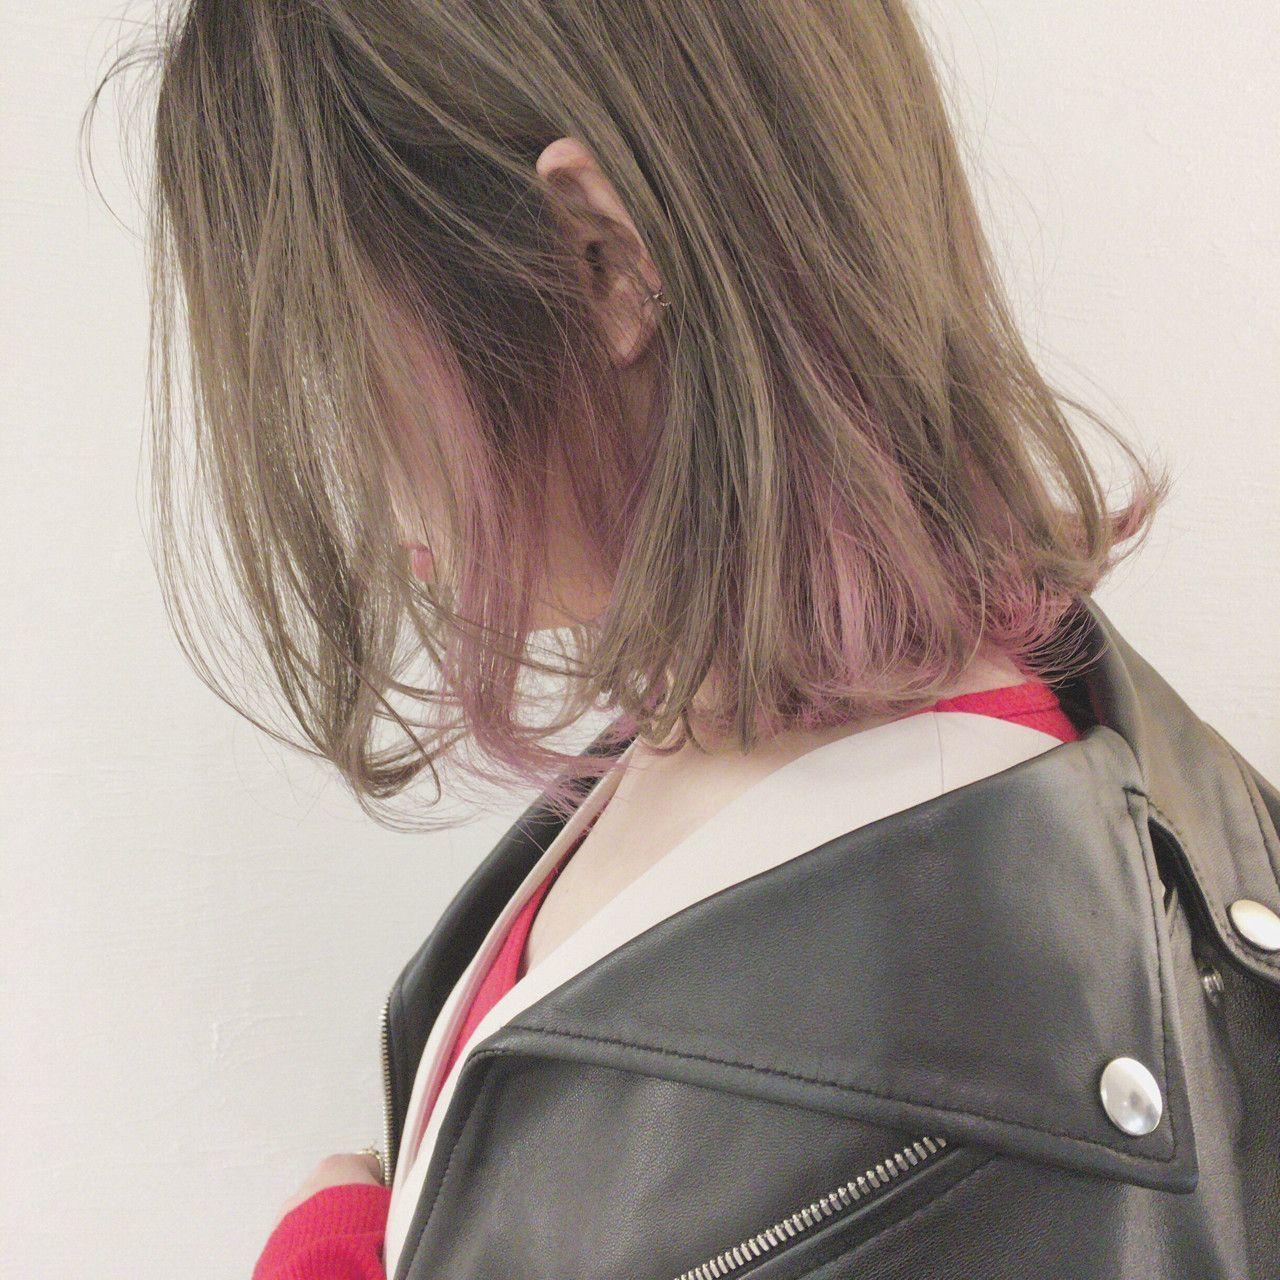 ミディアムさんはがっつりピンクのインナーカラーがおすすめ♪